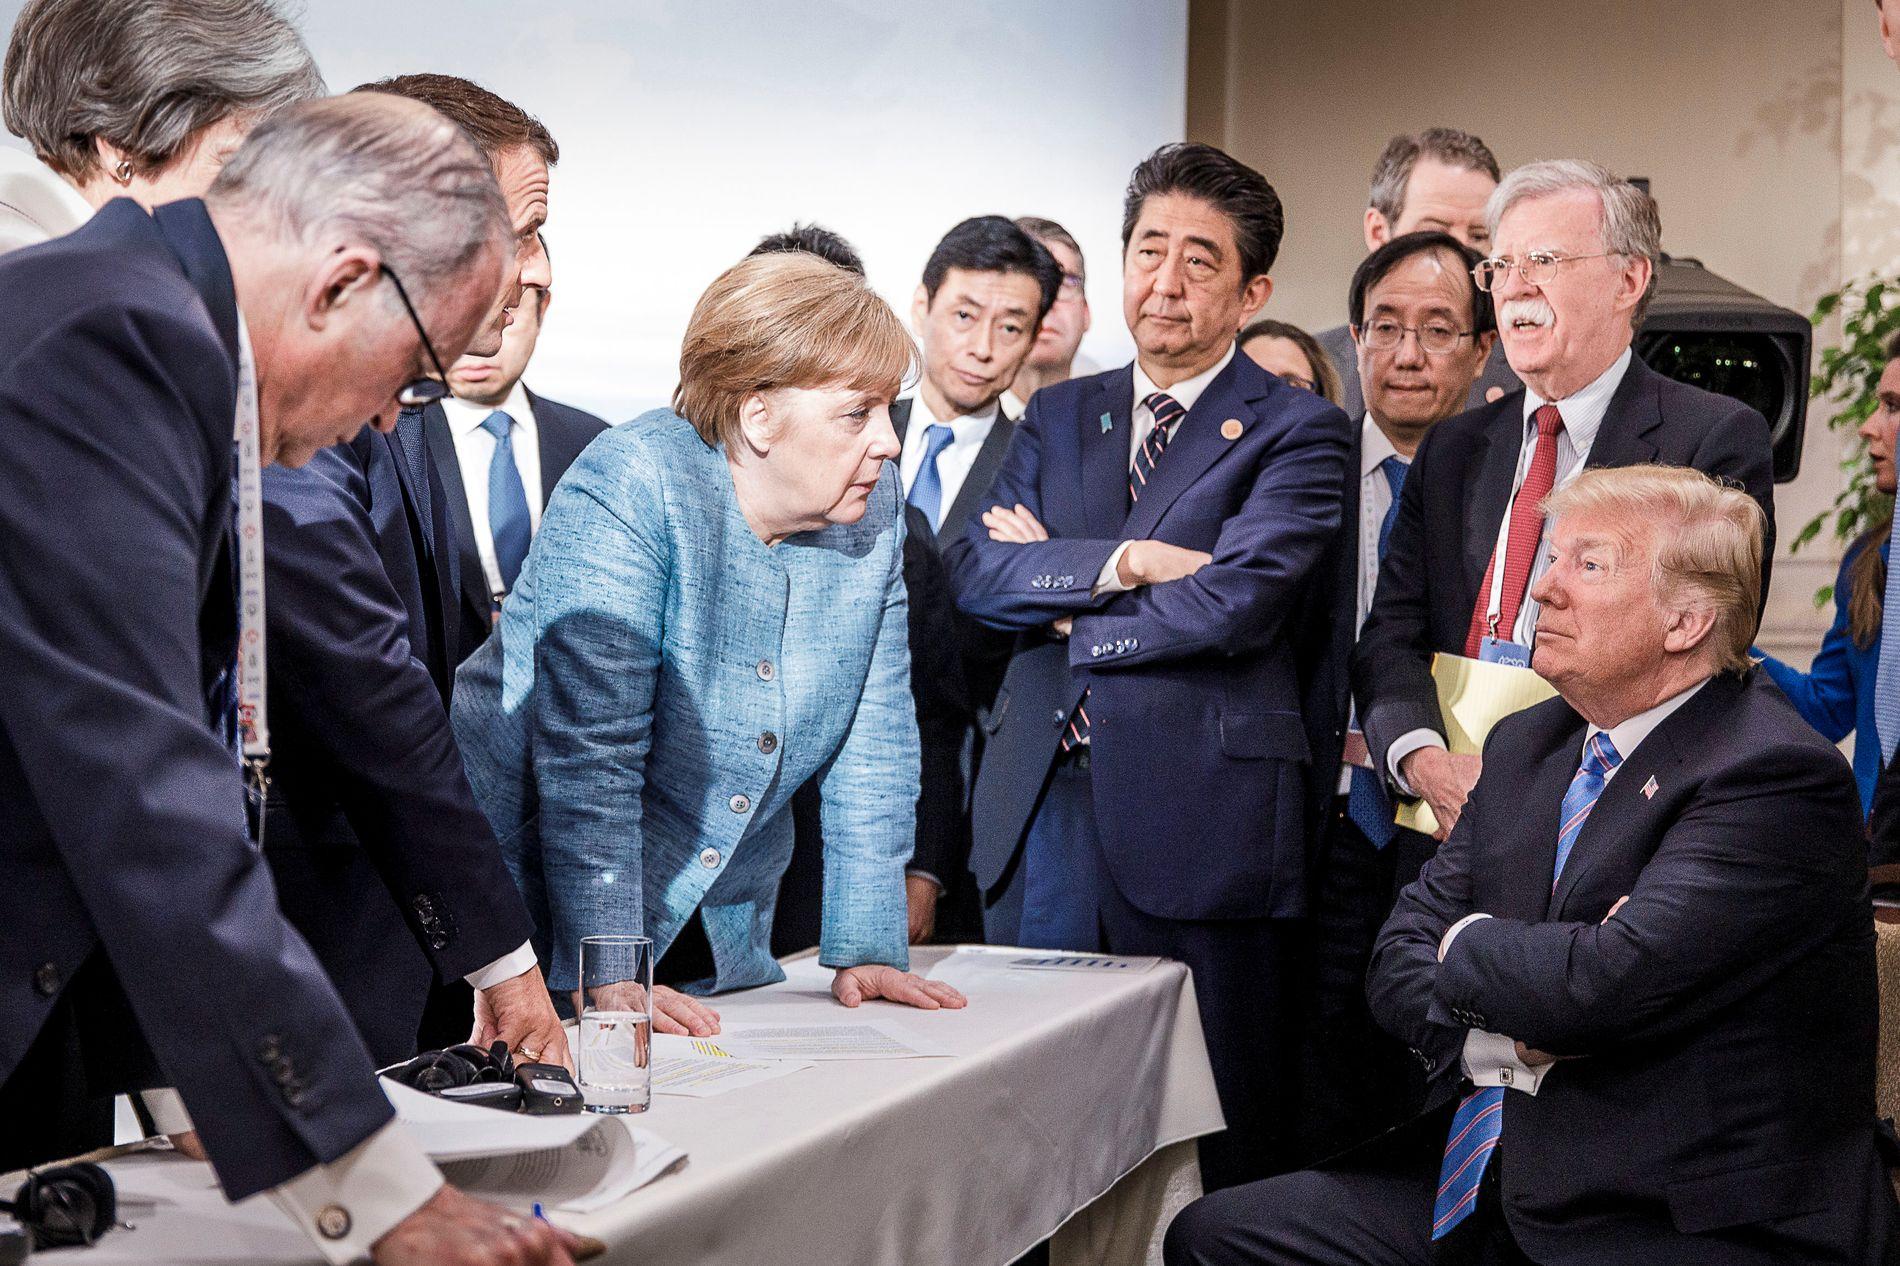 VERDEN MOT TRUMP: Tysklands forbundskansler Angela Merkel ser ut til å ha noe hun vil si til USAs president Donald Trump. Japans statsminister Shinzo Abe står med armene i kors, mens man også kan skimte Frankrikes Emmanuel Macron og Storbritannias Theresa May til venstre for Merkel.